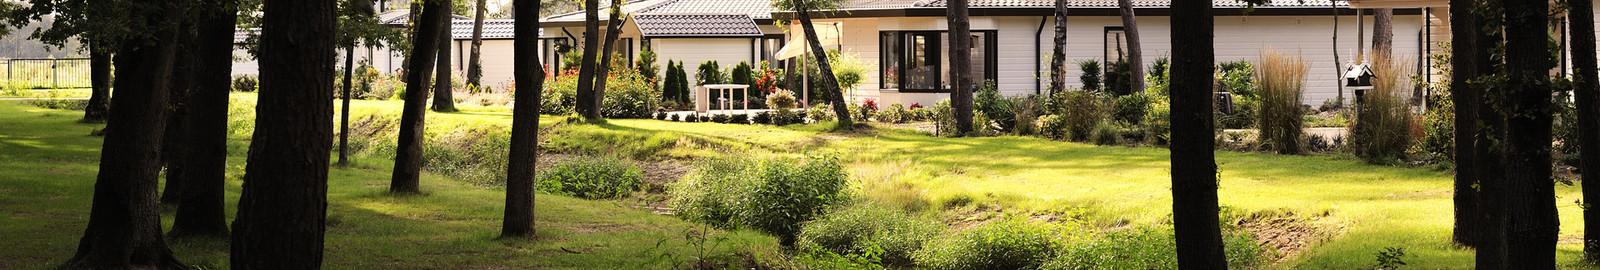 Mobiele bungalow chaletpark landgoed nederheide for Mobiele chalet te koop